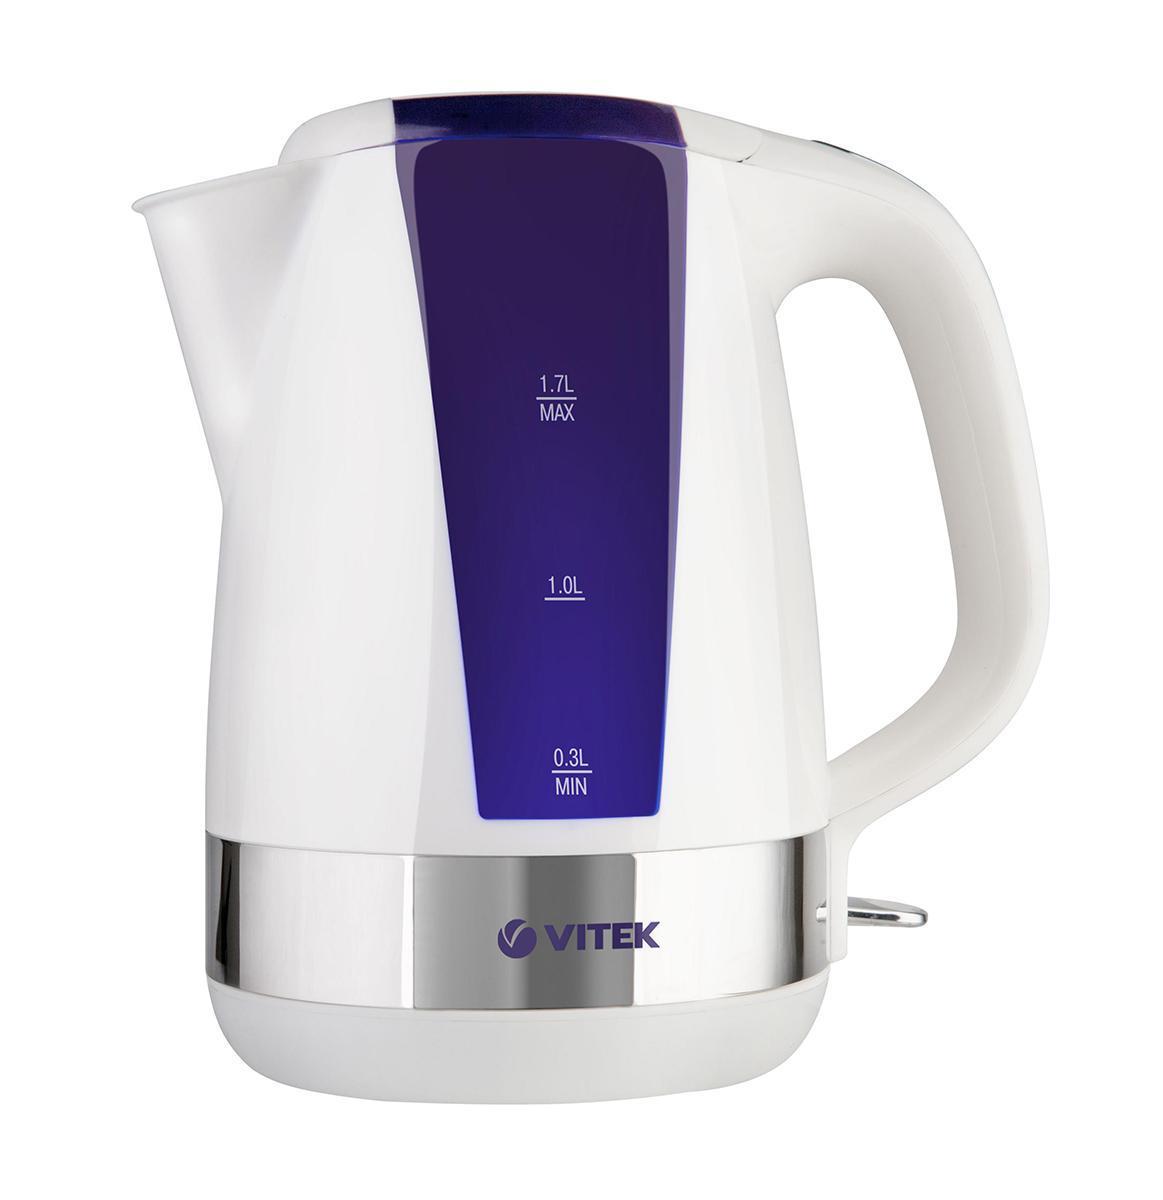 Vitek VT-1165, Violet электрочайникVT-1165, VioletЭлектрический чайник VT-1165 VT - это удобный и легкий в обращении прибор, который украсит вашу кухню благодаря оригинальному дизайну корпуса. Корпус чайника выполнен из высококачественного пищевого пластика, материала, который не меняет вкуса воды. Основание корпуса украшено оригинальной металлической вставкой, что придает прибору еще больше изящества. Чайник оснащен всеми необходимыми для качественной работы функциями. Мощность чайника 2200 Вт и объем 1,7 л позволяют быстро вскипятить воду и угостить вкуснейшими горячими напитками большую компанию гостей. Наличие специального фильтра позволяет сохранить чистоту воды, предотвращая попадание в напиток мелких частиц. Использование в чайнике скрытого нагревательного элемента поможет безопасно кипятить даже небольшое количество воды, а также легко ухаживать за прибором. Определить количество воды позволит шкала уровня воды на корпусе чайника. Прибор оснащен также внутренней подсветкой, которая показывает, что чайник включен - это...